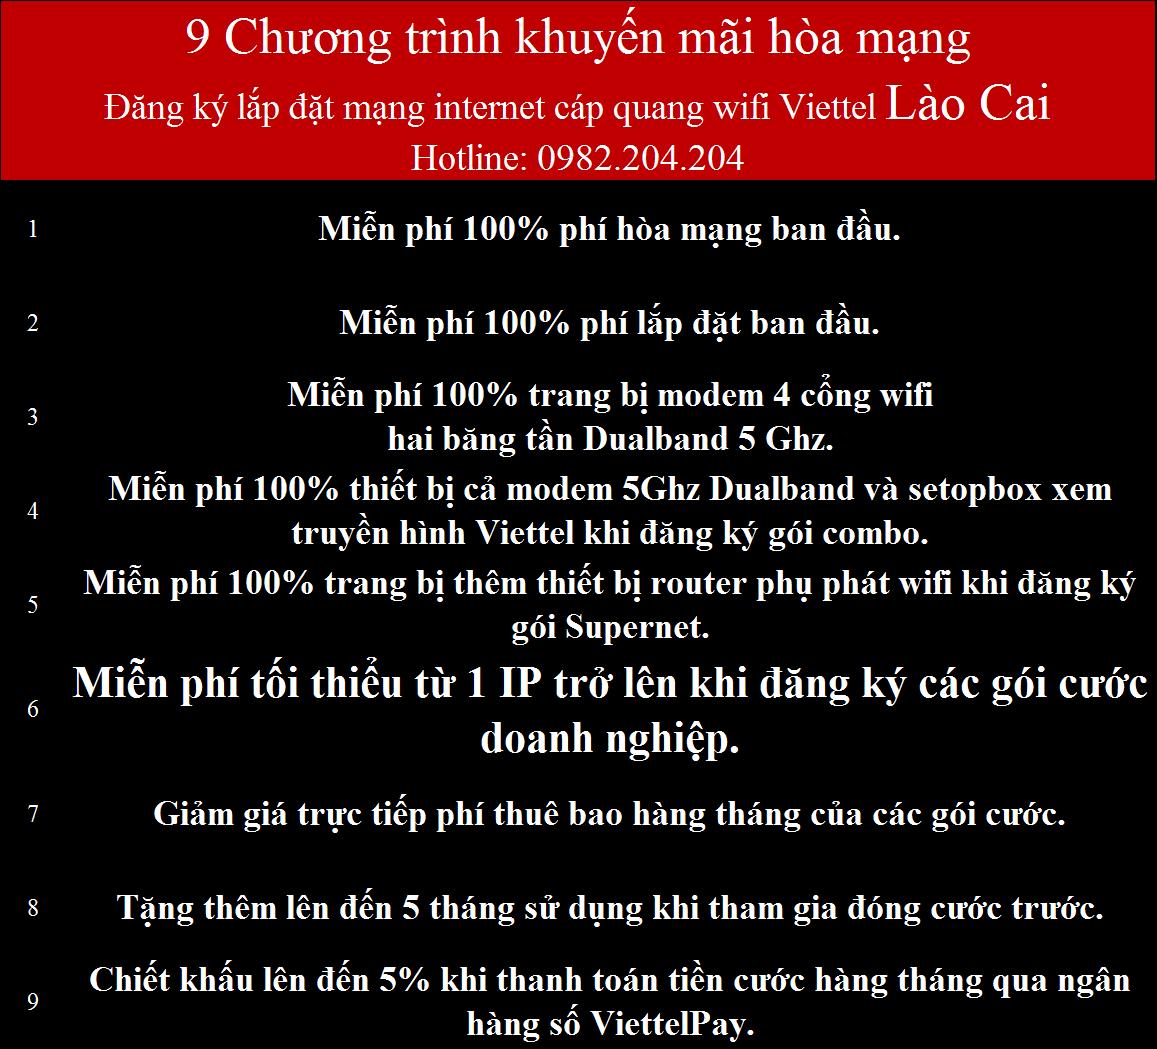 Đăng ký quang Viettel Lào Cai